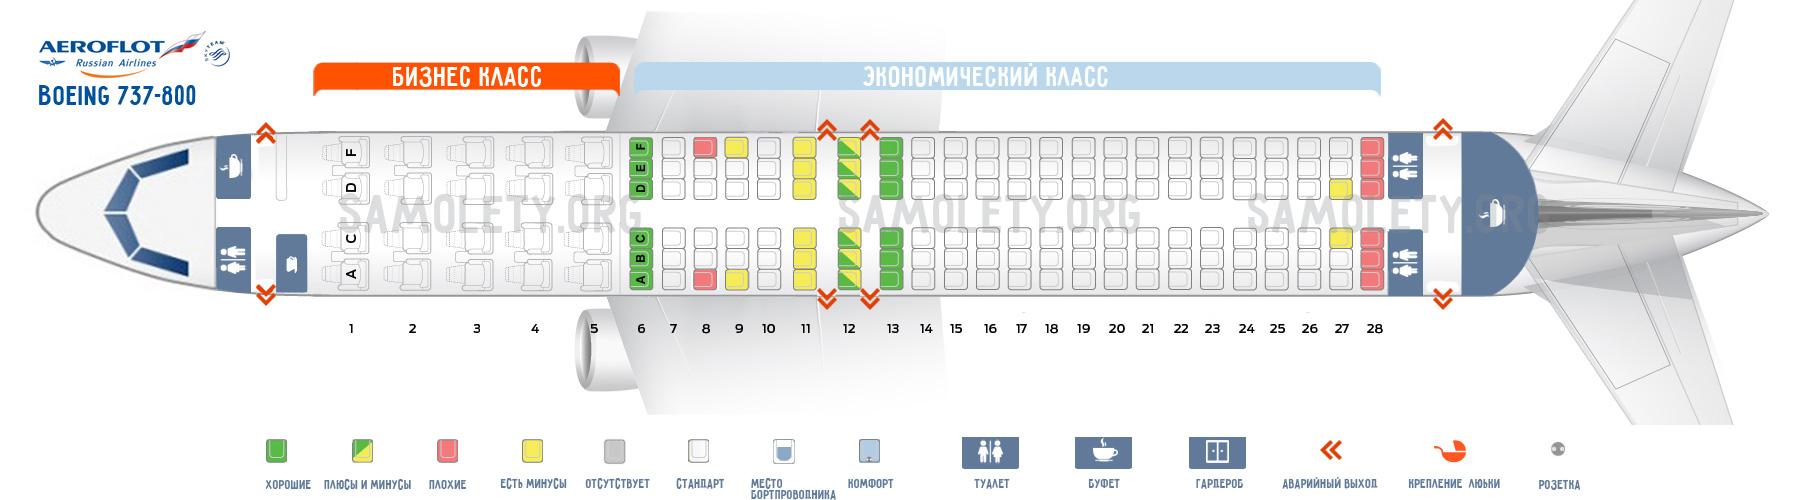 Схема салона Boeing 737-800 Аэрофлот